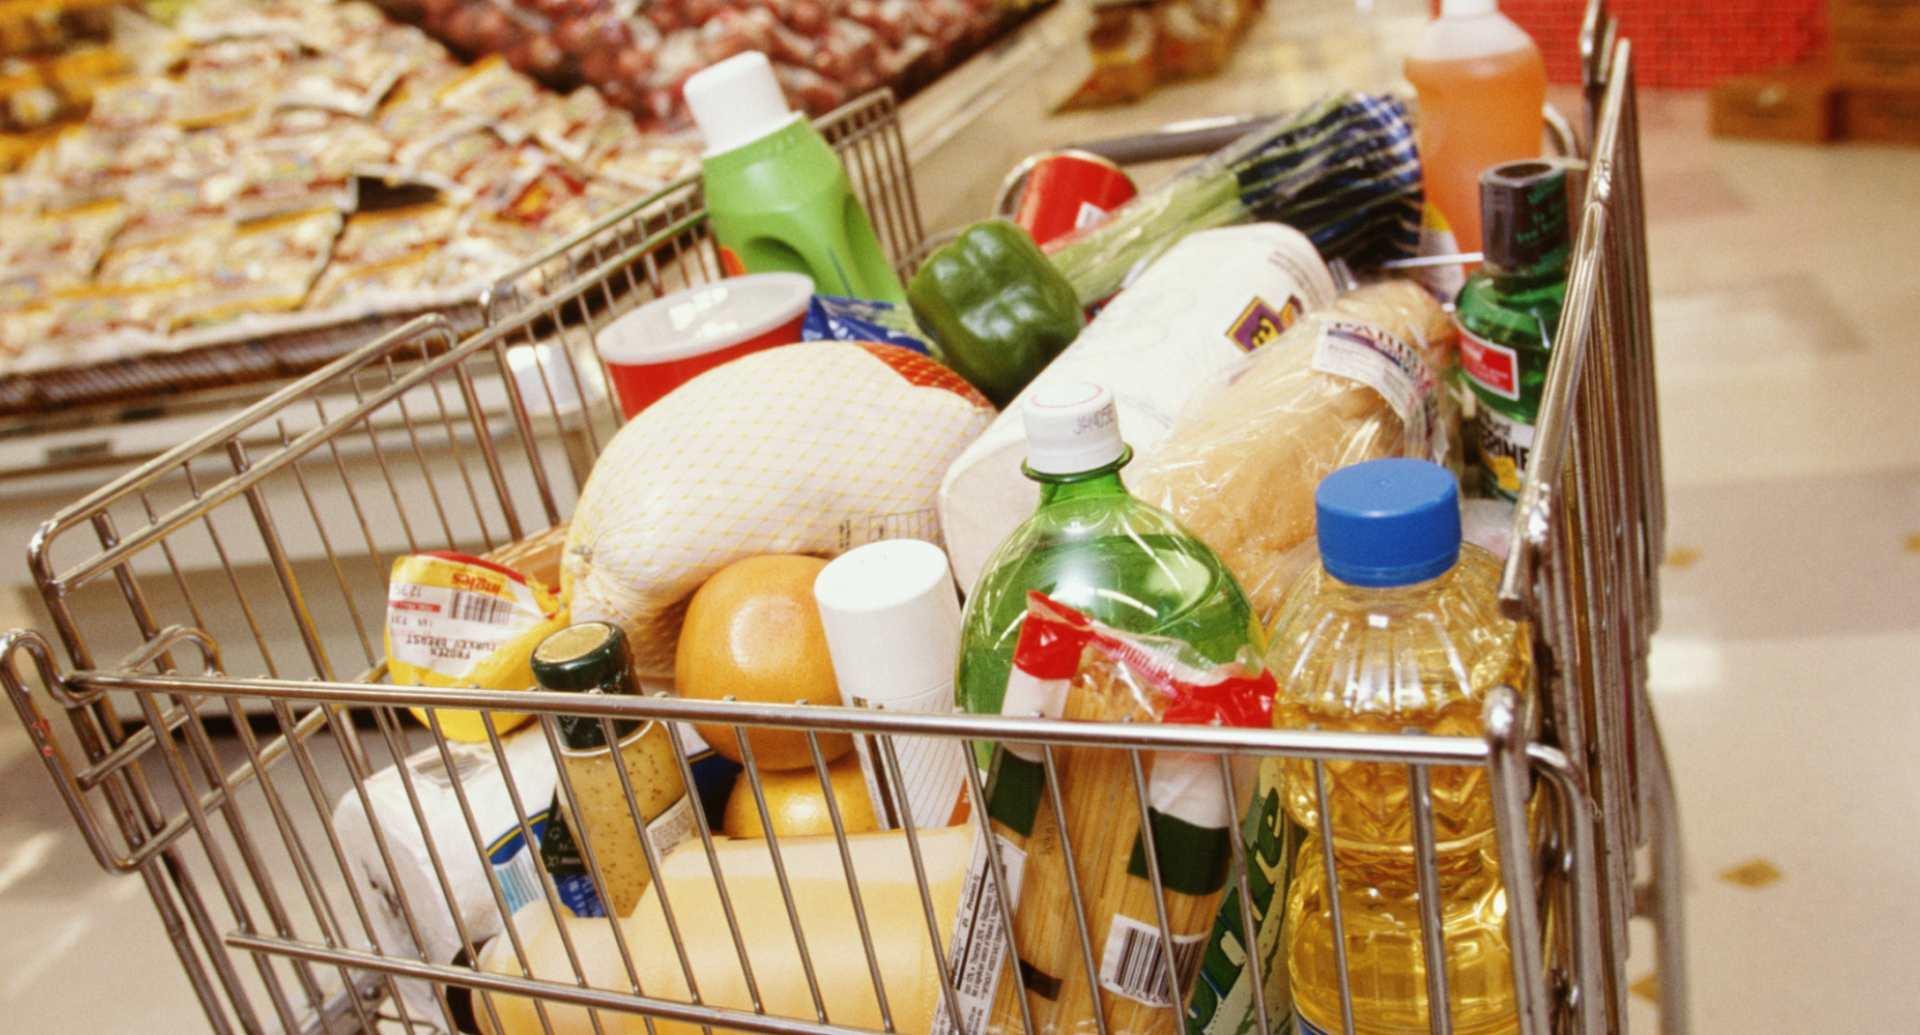 Цены на продовольственные товары выросли на 9,7% за год